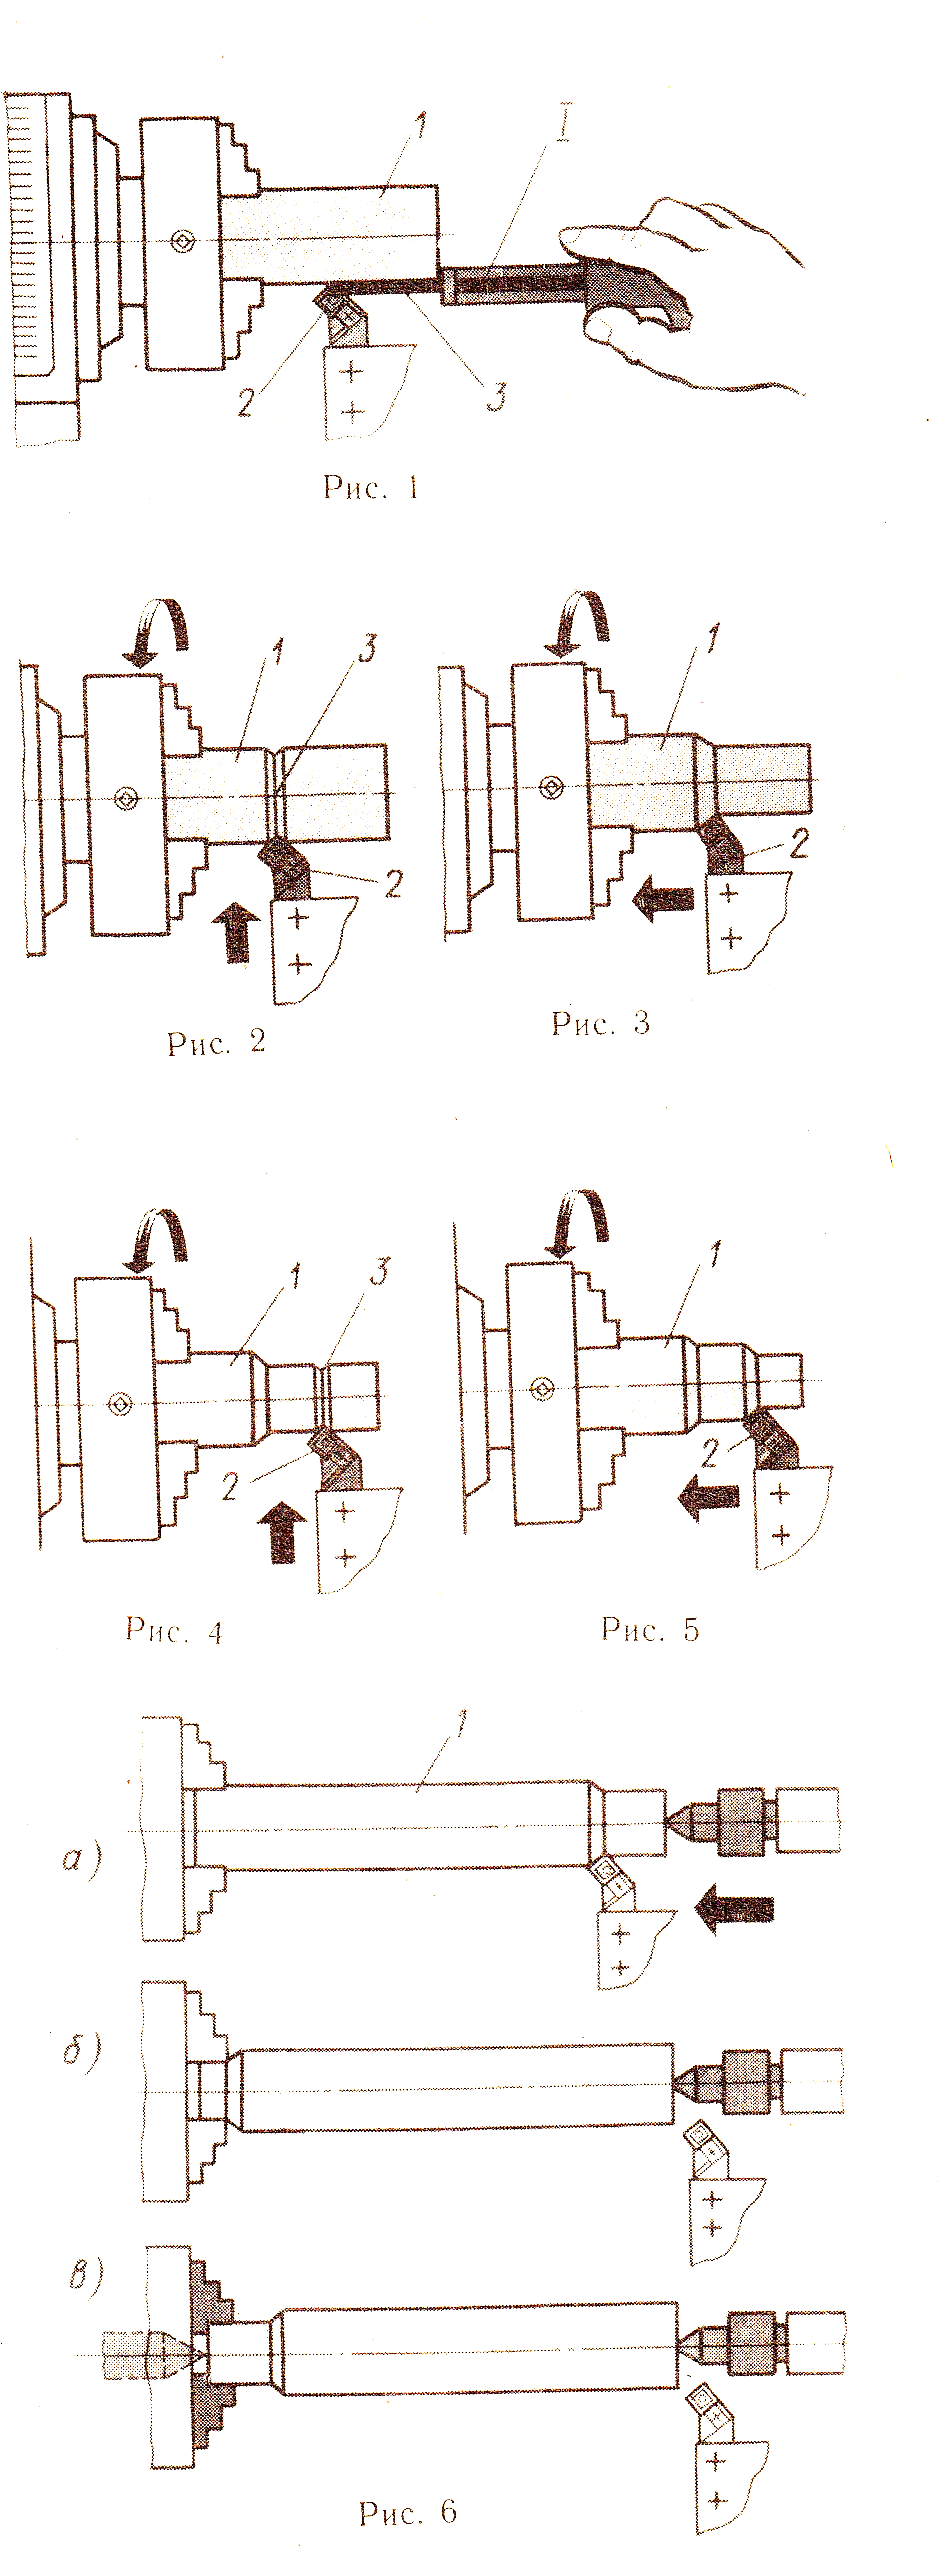 E:\Ксерокопии к учебному элементу\1.jpg